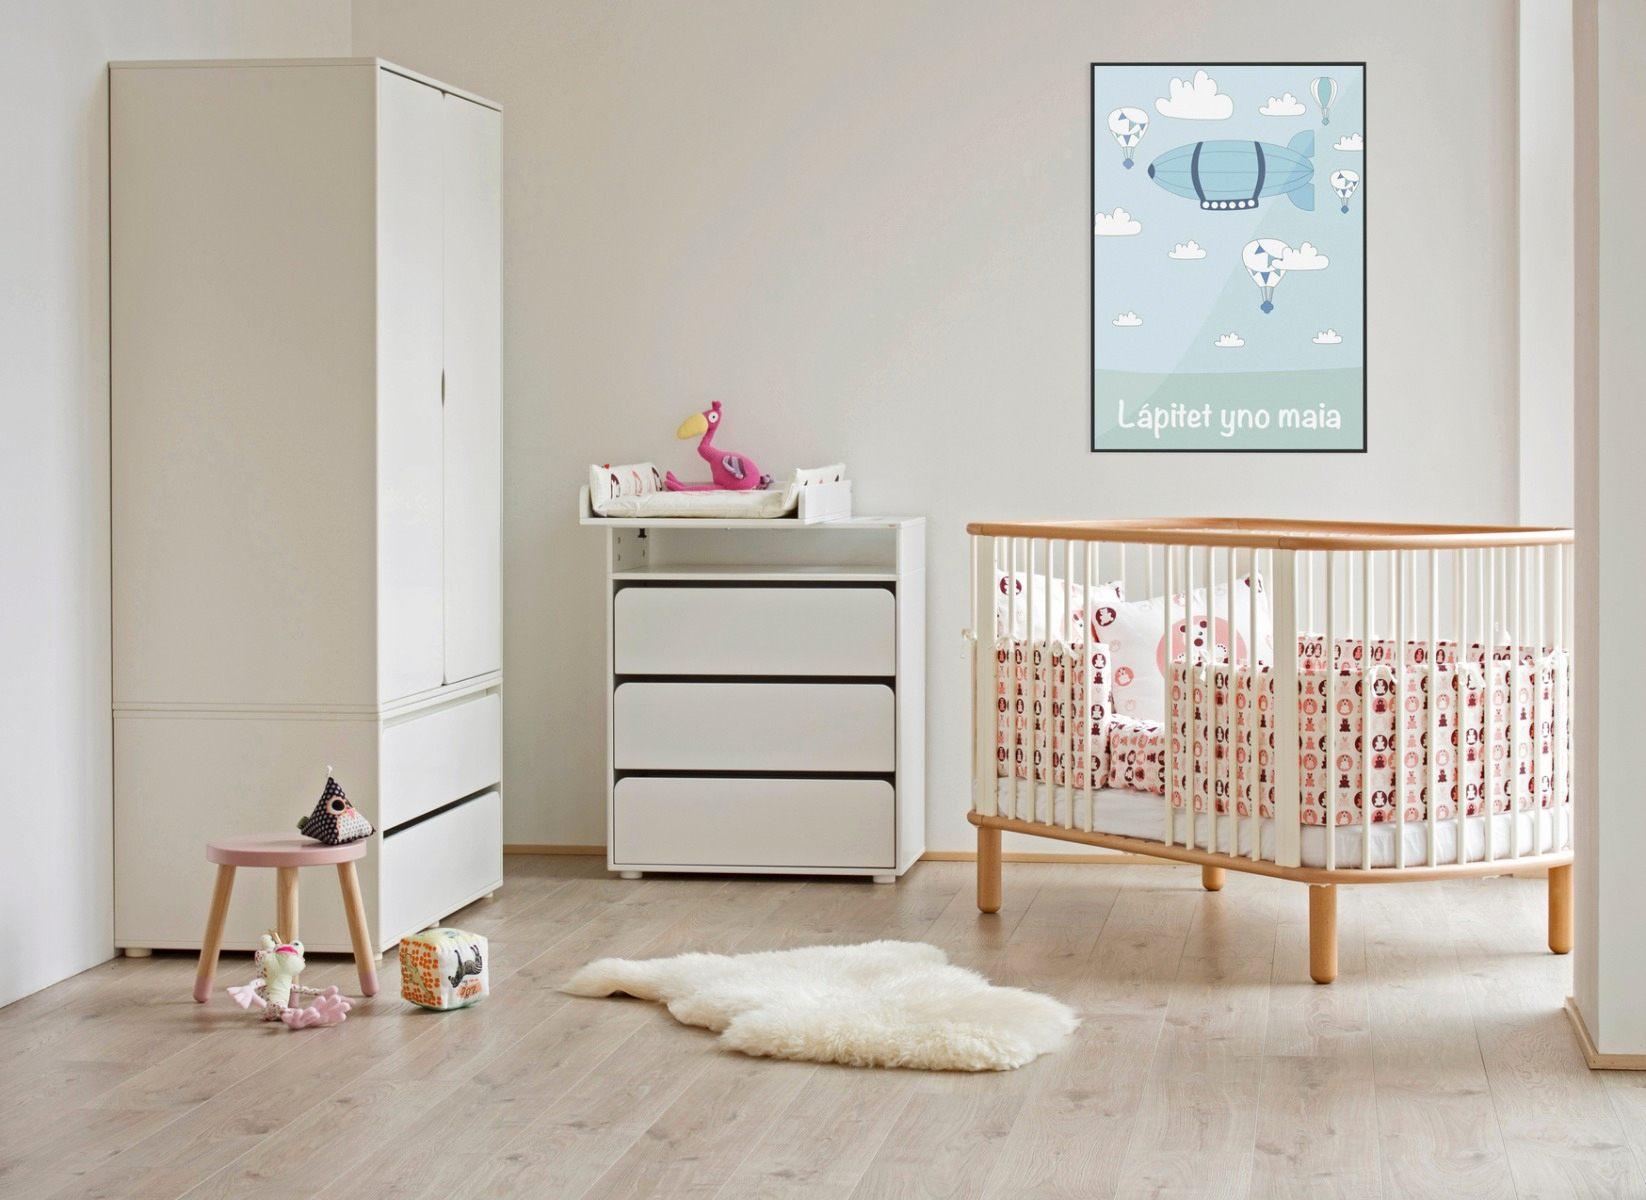 Lit Enfant Rose Nouveau Lit Enfant Gris élégant Chambre Bebe Bois Blanc Belle Banquette Lit